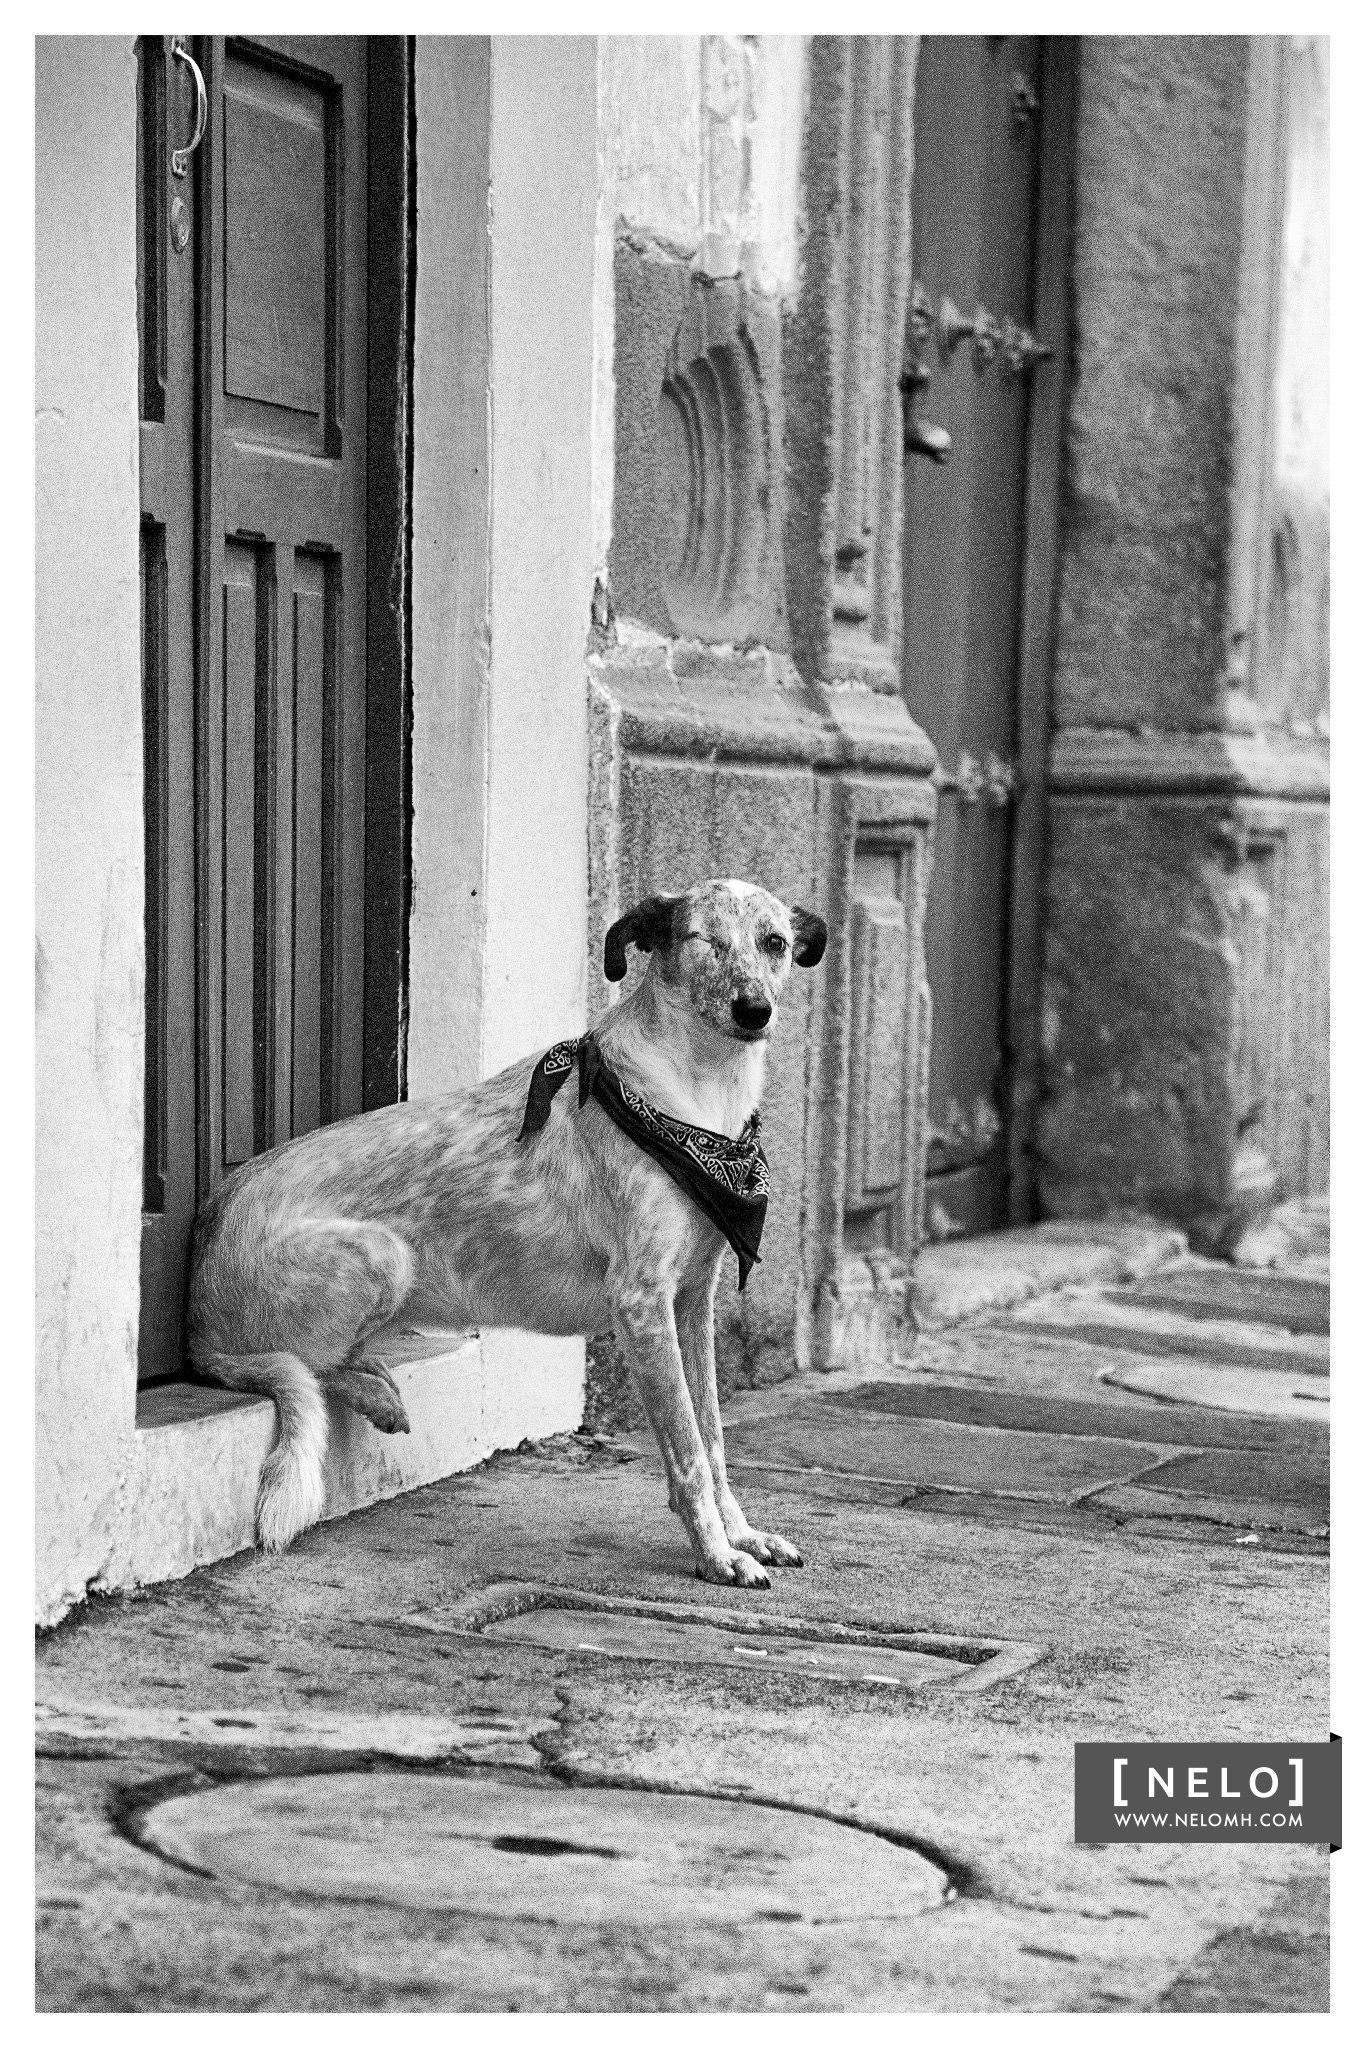 Mosca in Antigua Guatemala